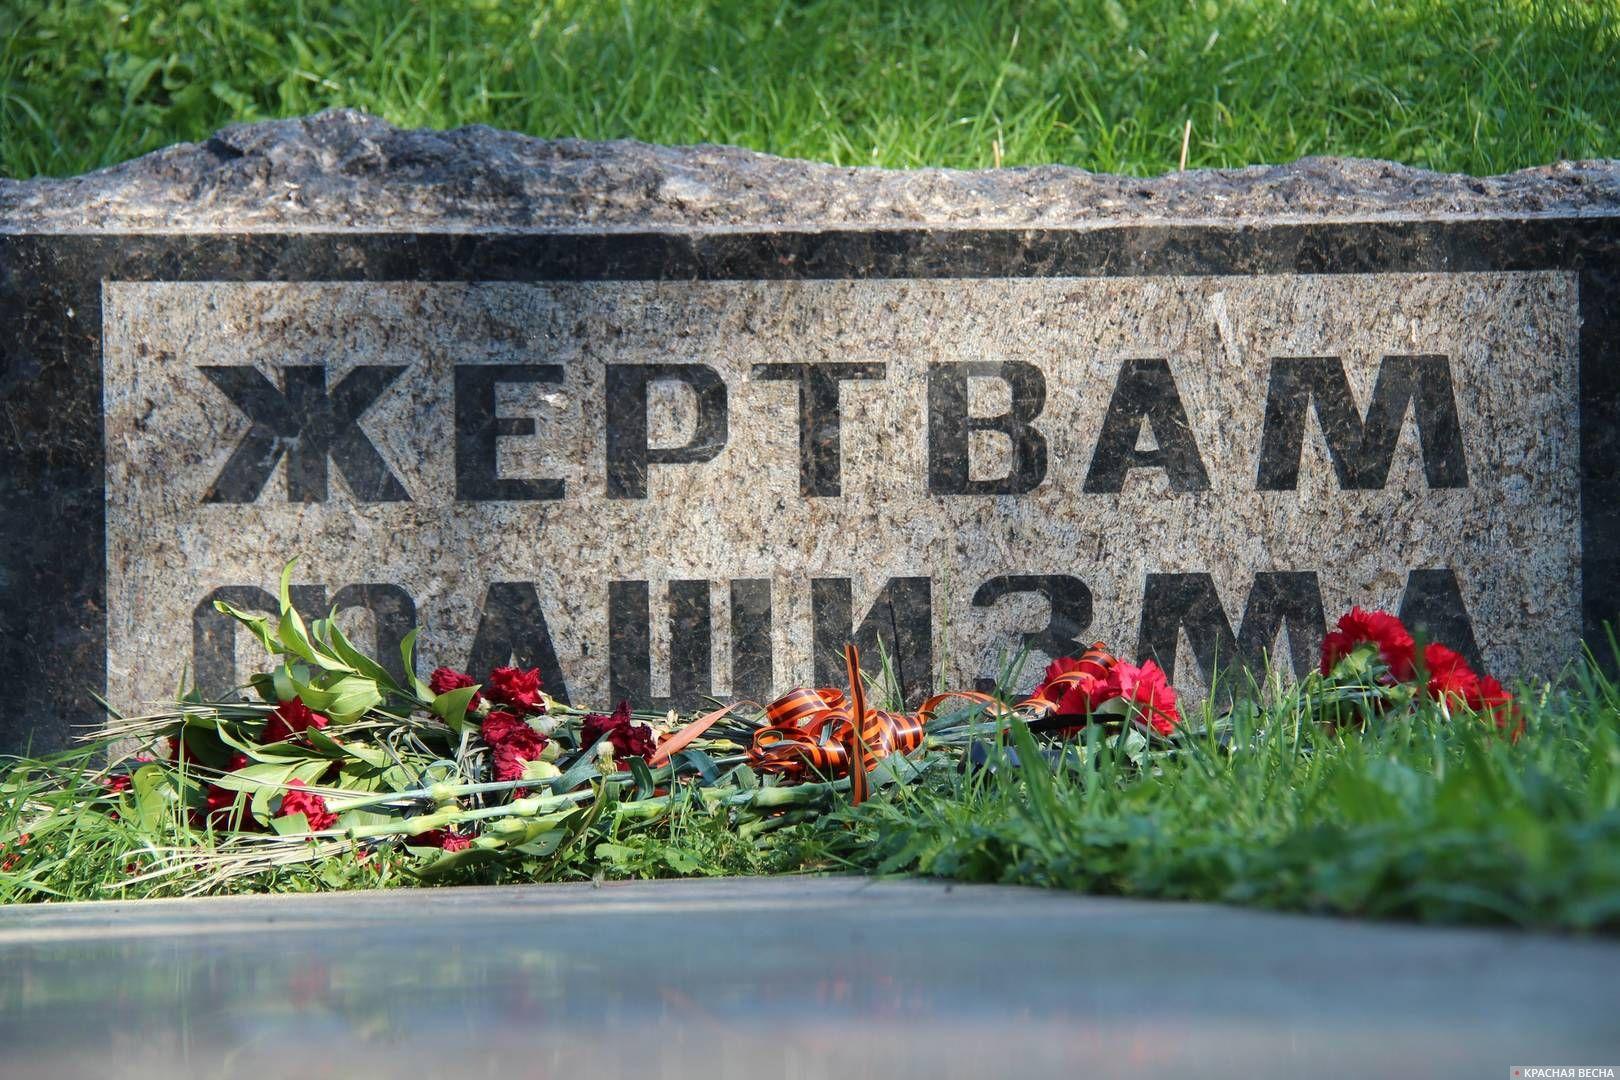 Монумент Жертвам фашизма. Донецк. ДНР. 13.09.2016